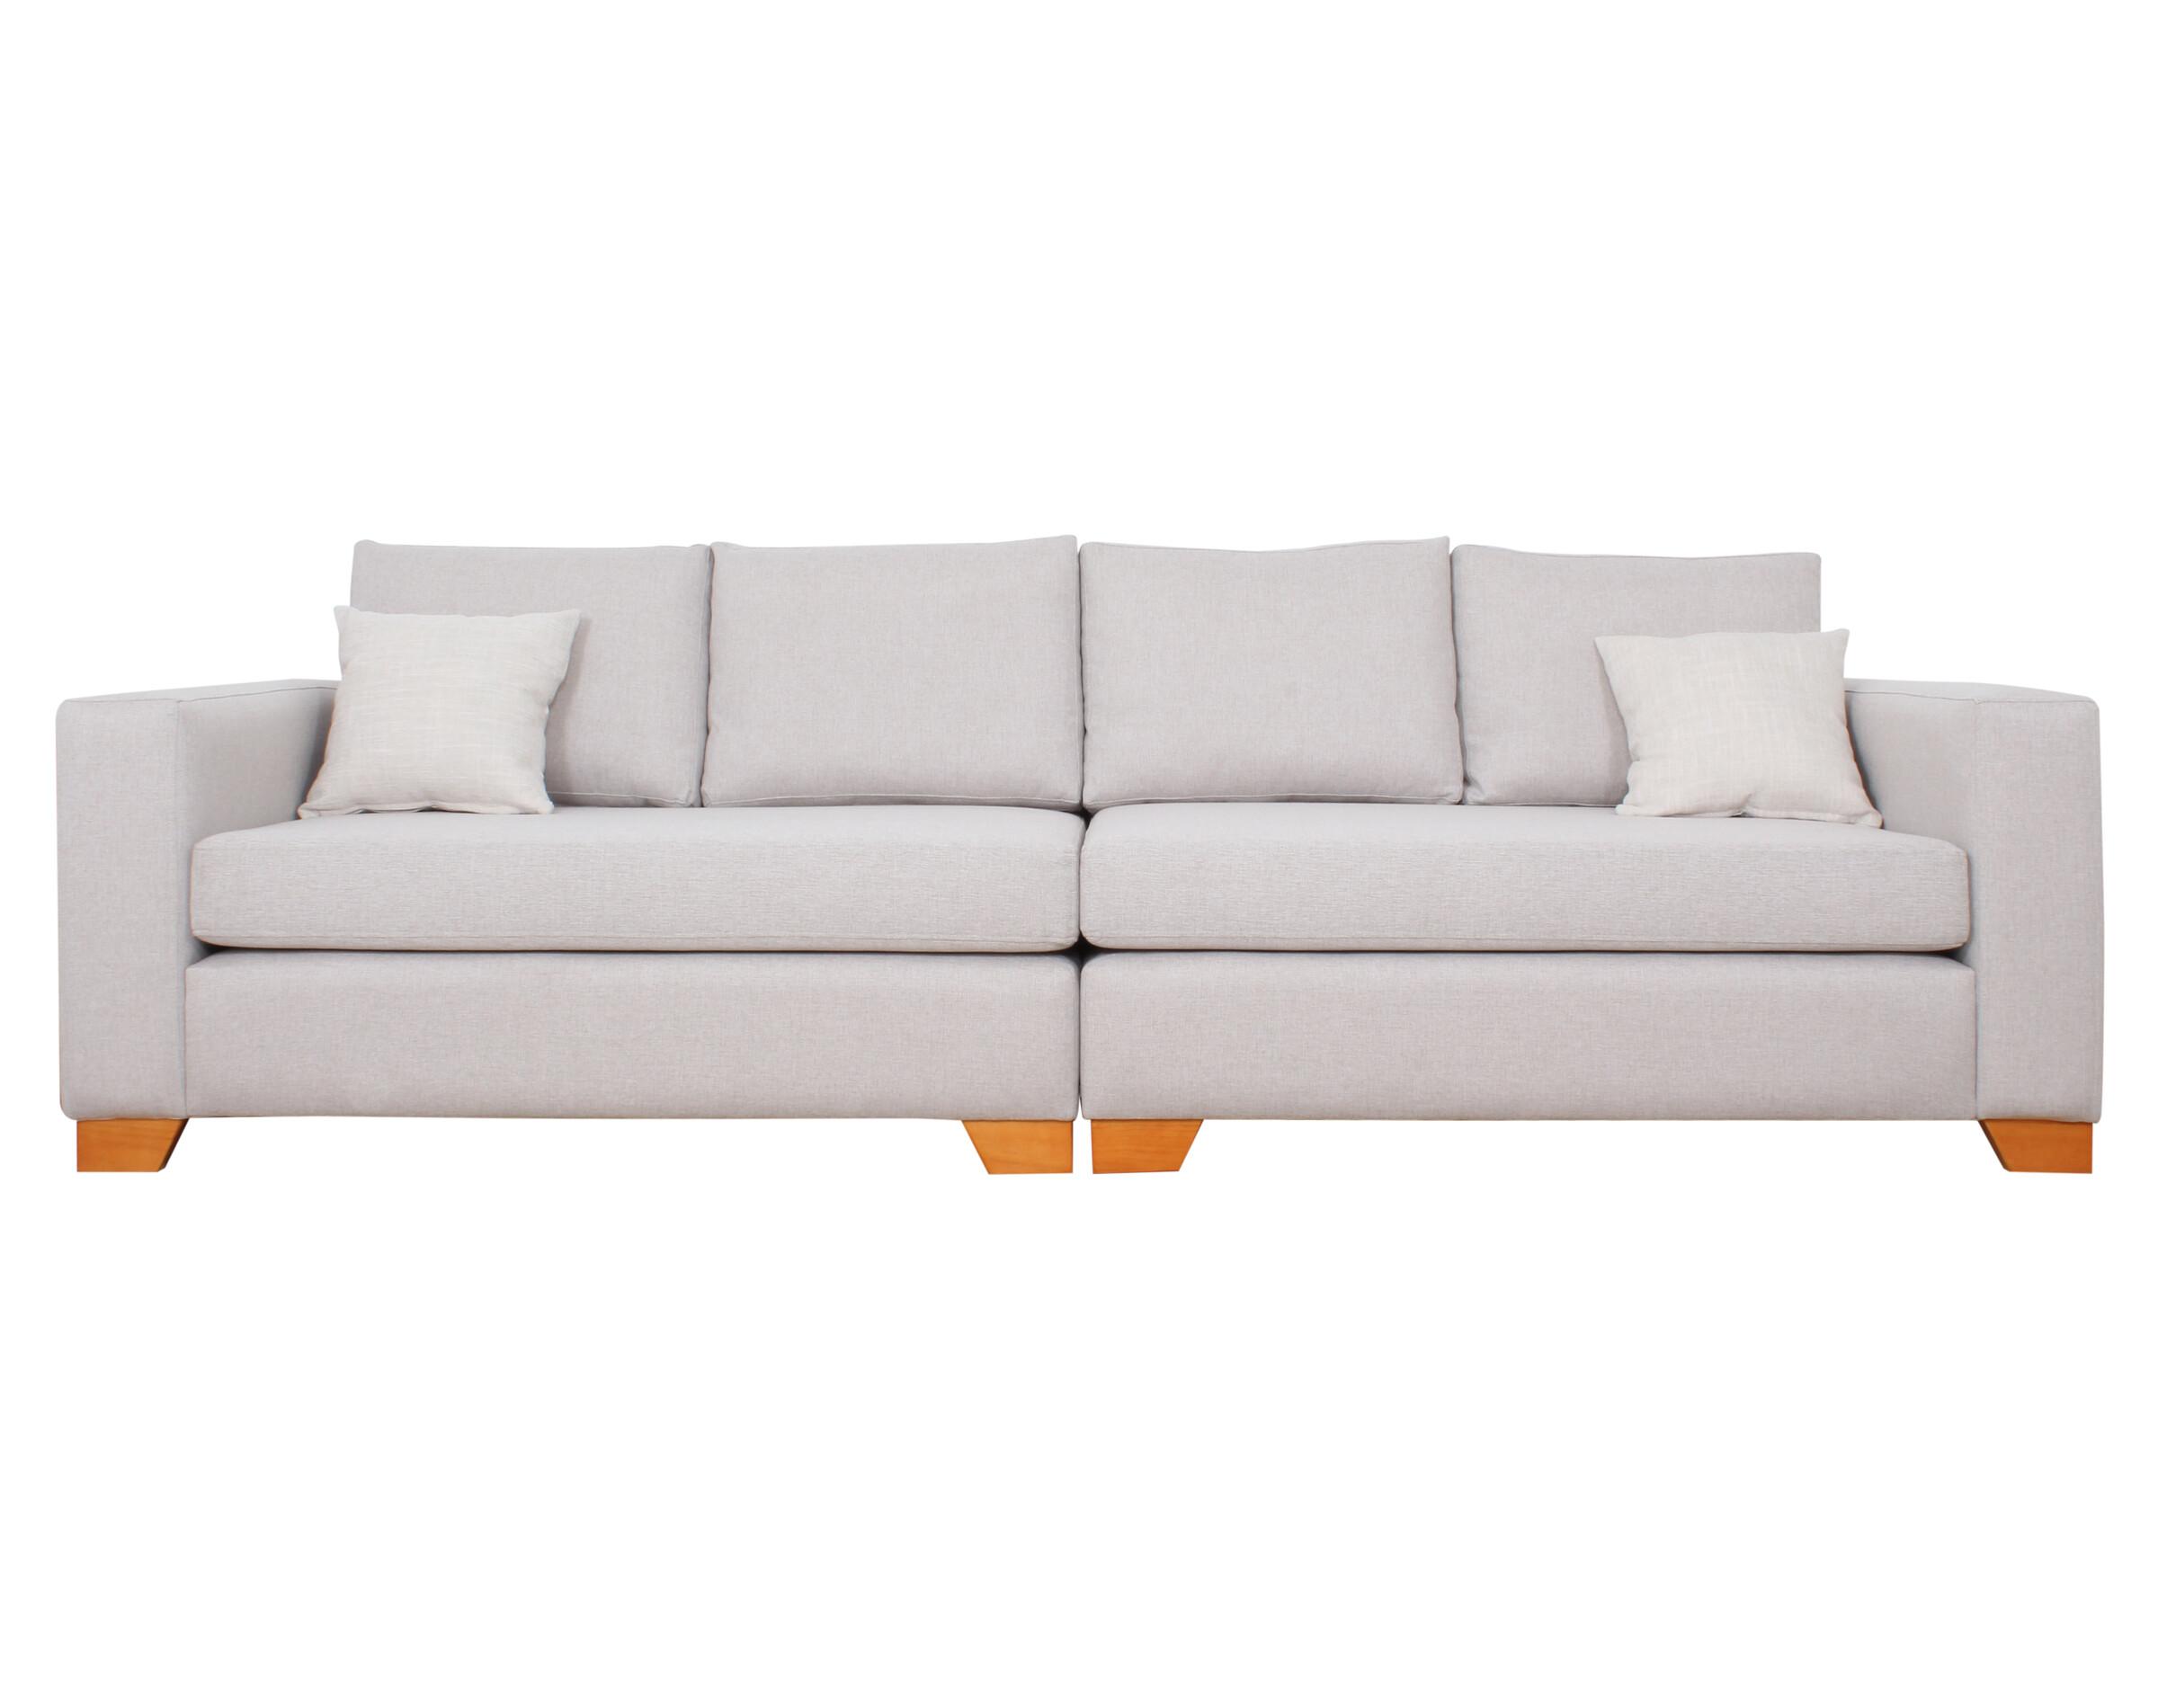 Sofa 4c Xsd Frente